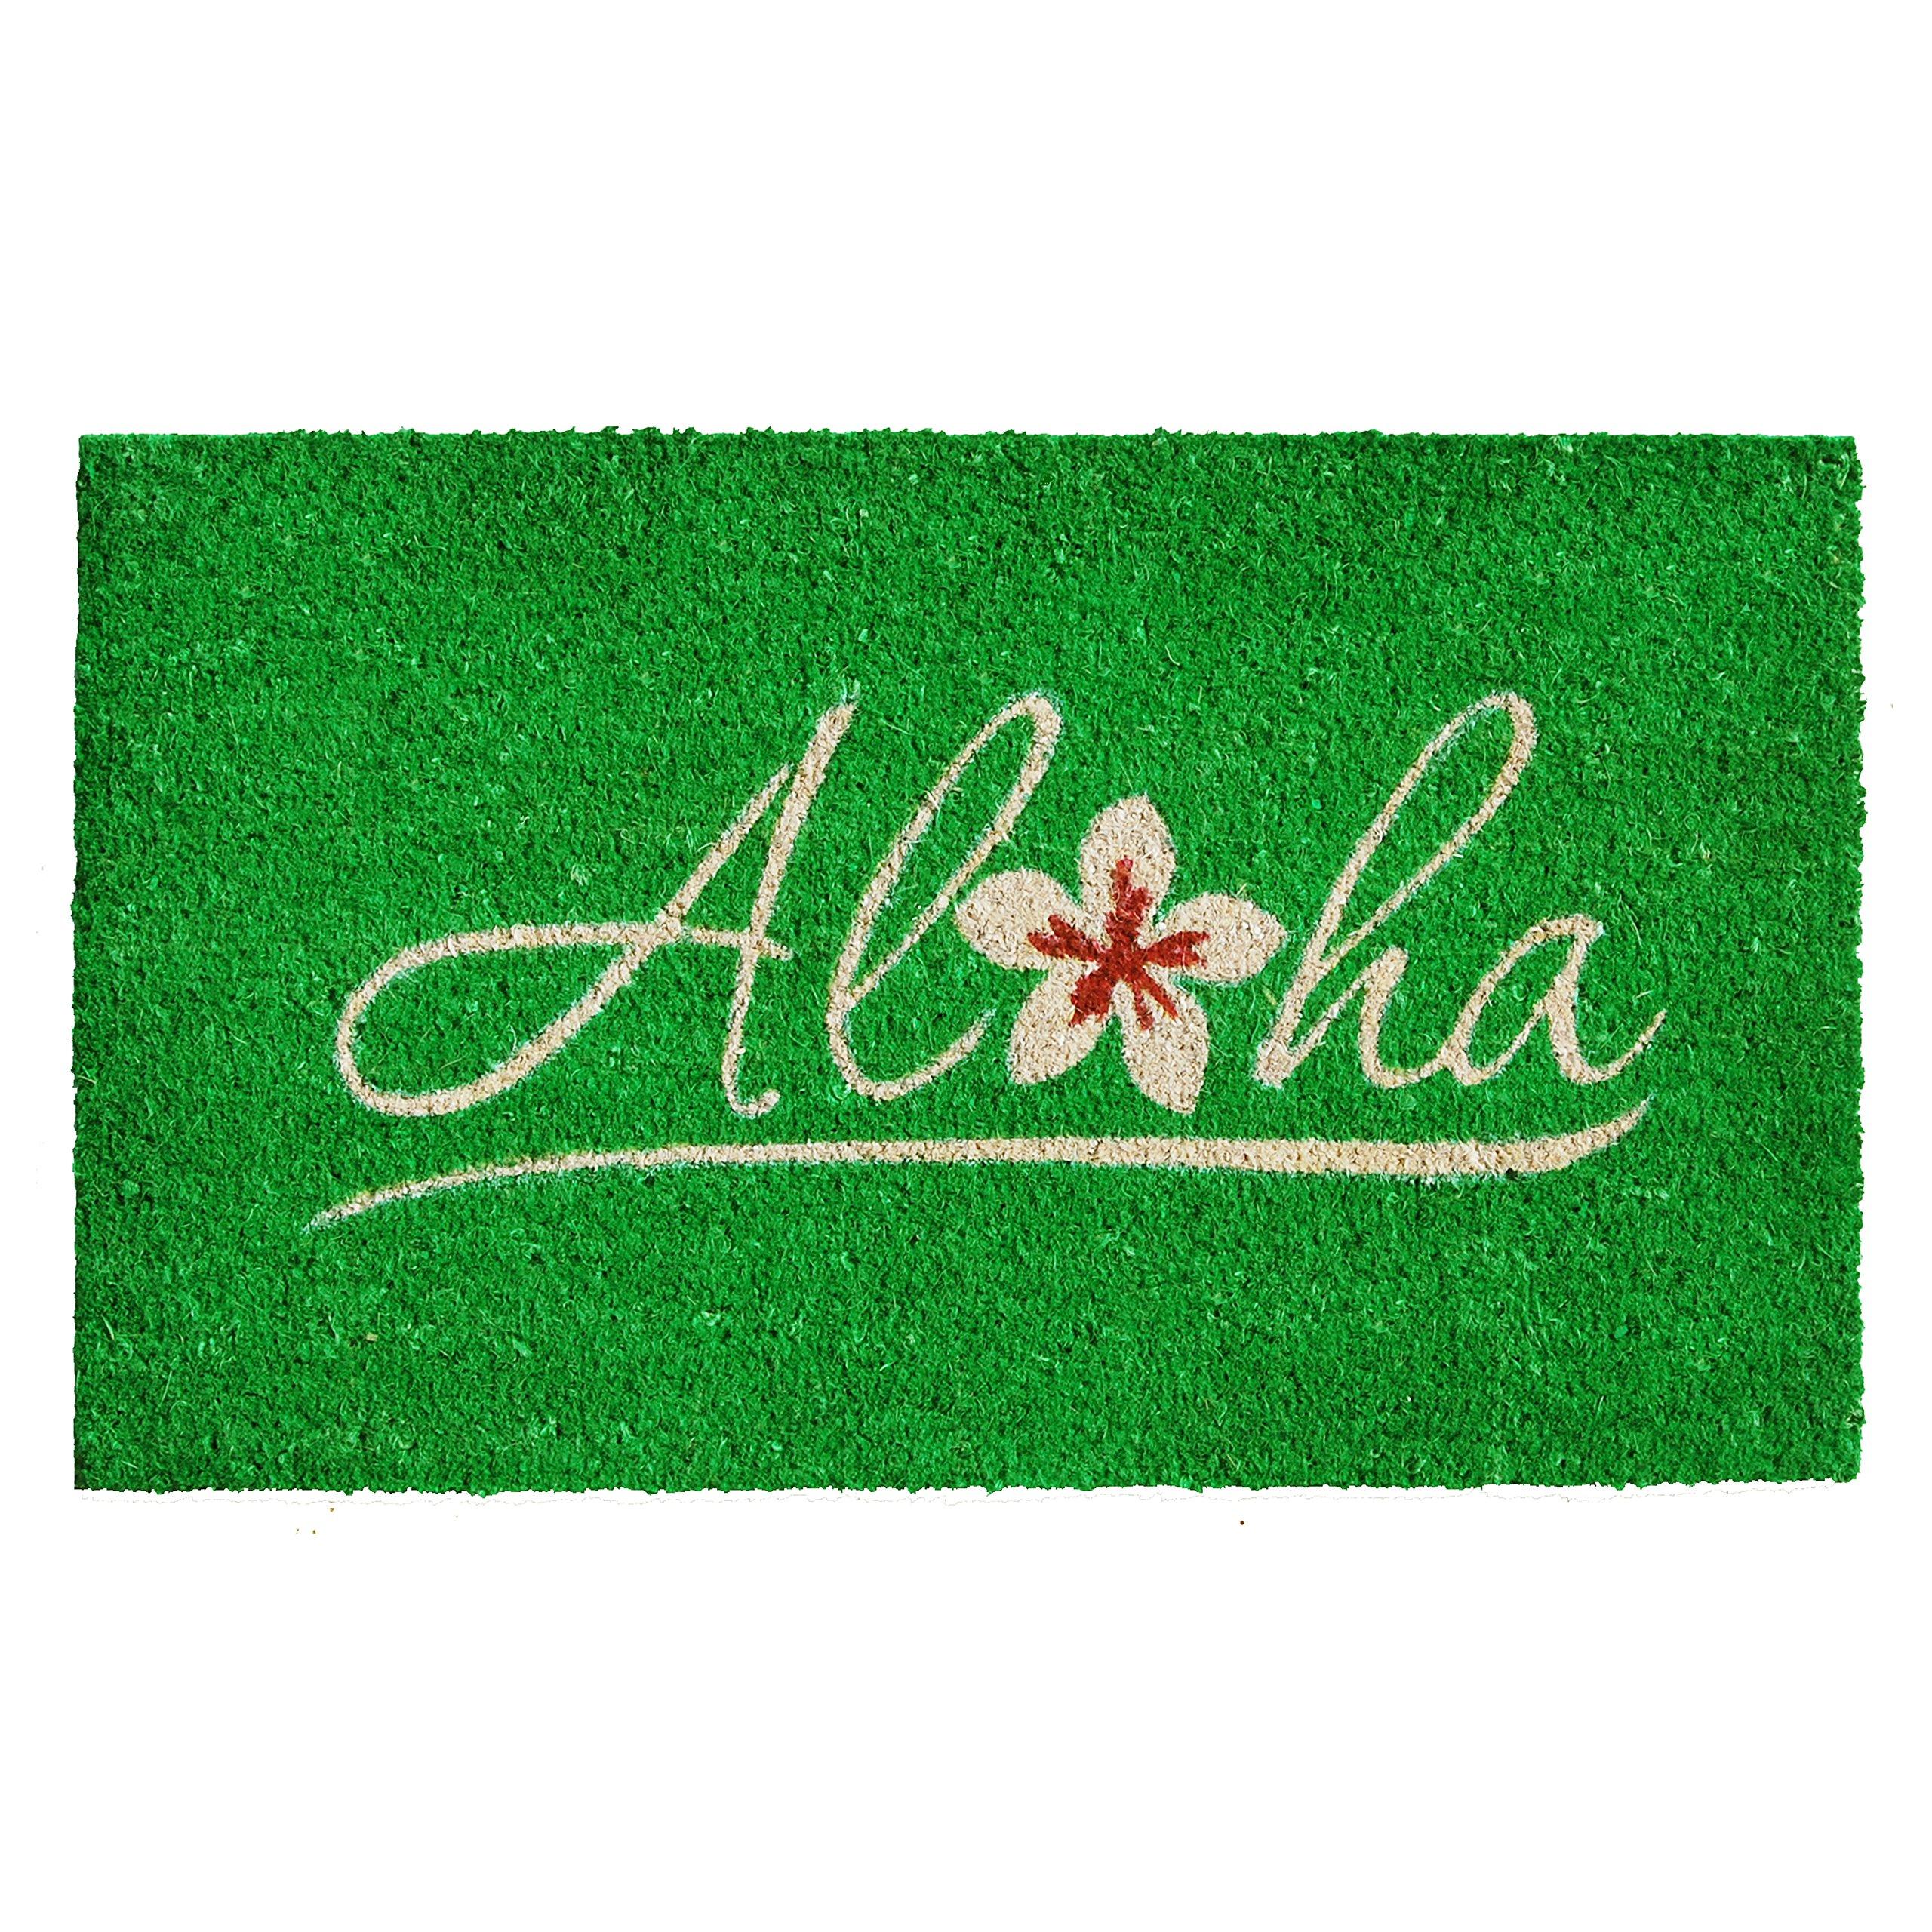 Home & More 121491729 Aloha Doormat, 17'' x 29'' x 0.60'', Multicolor